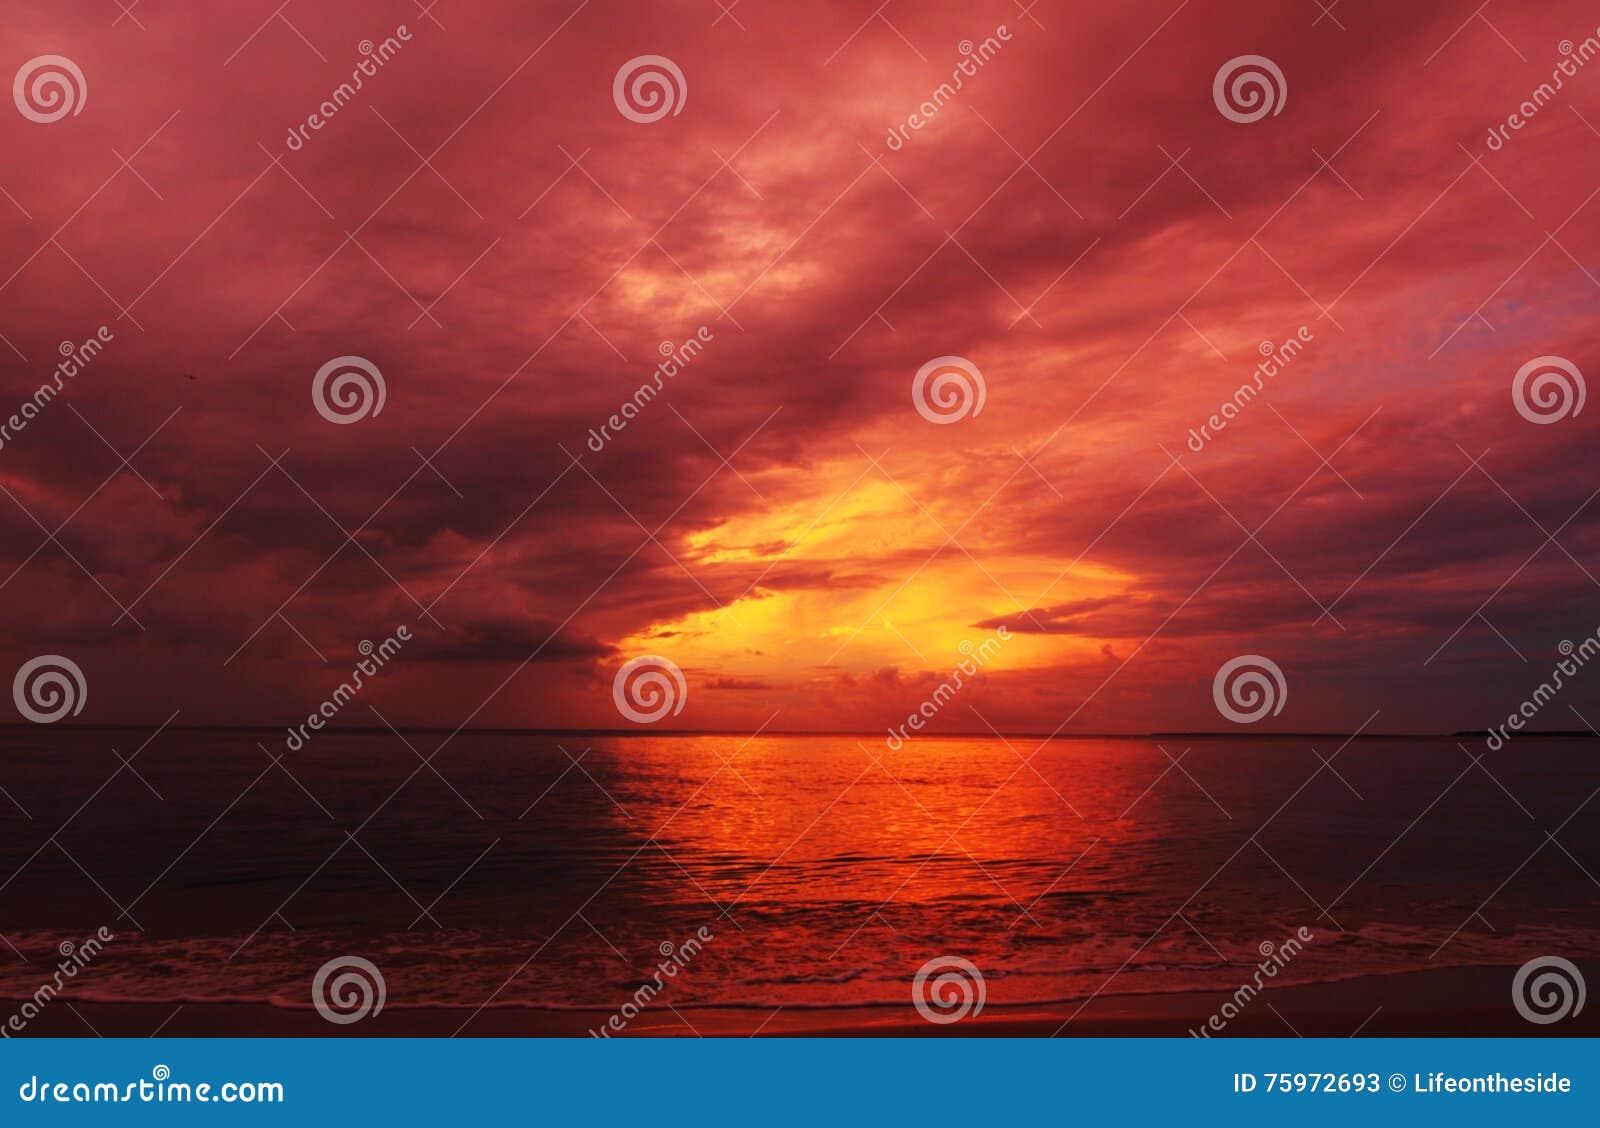 El fondo abstracto colorea el fuego en la puesta del sol del verano del cielo sobre el mar